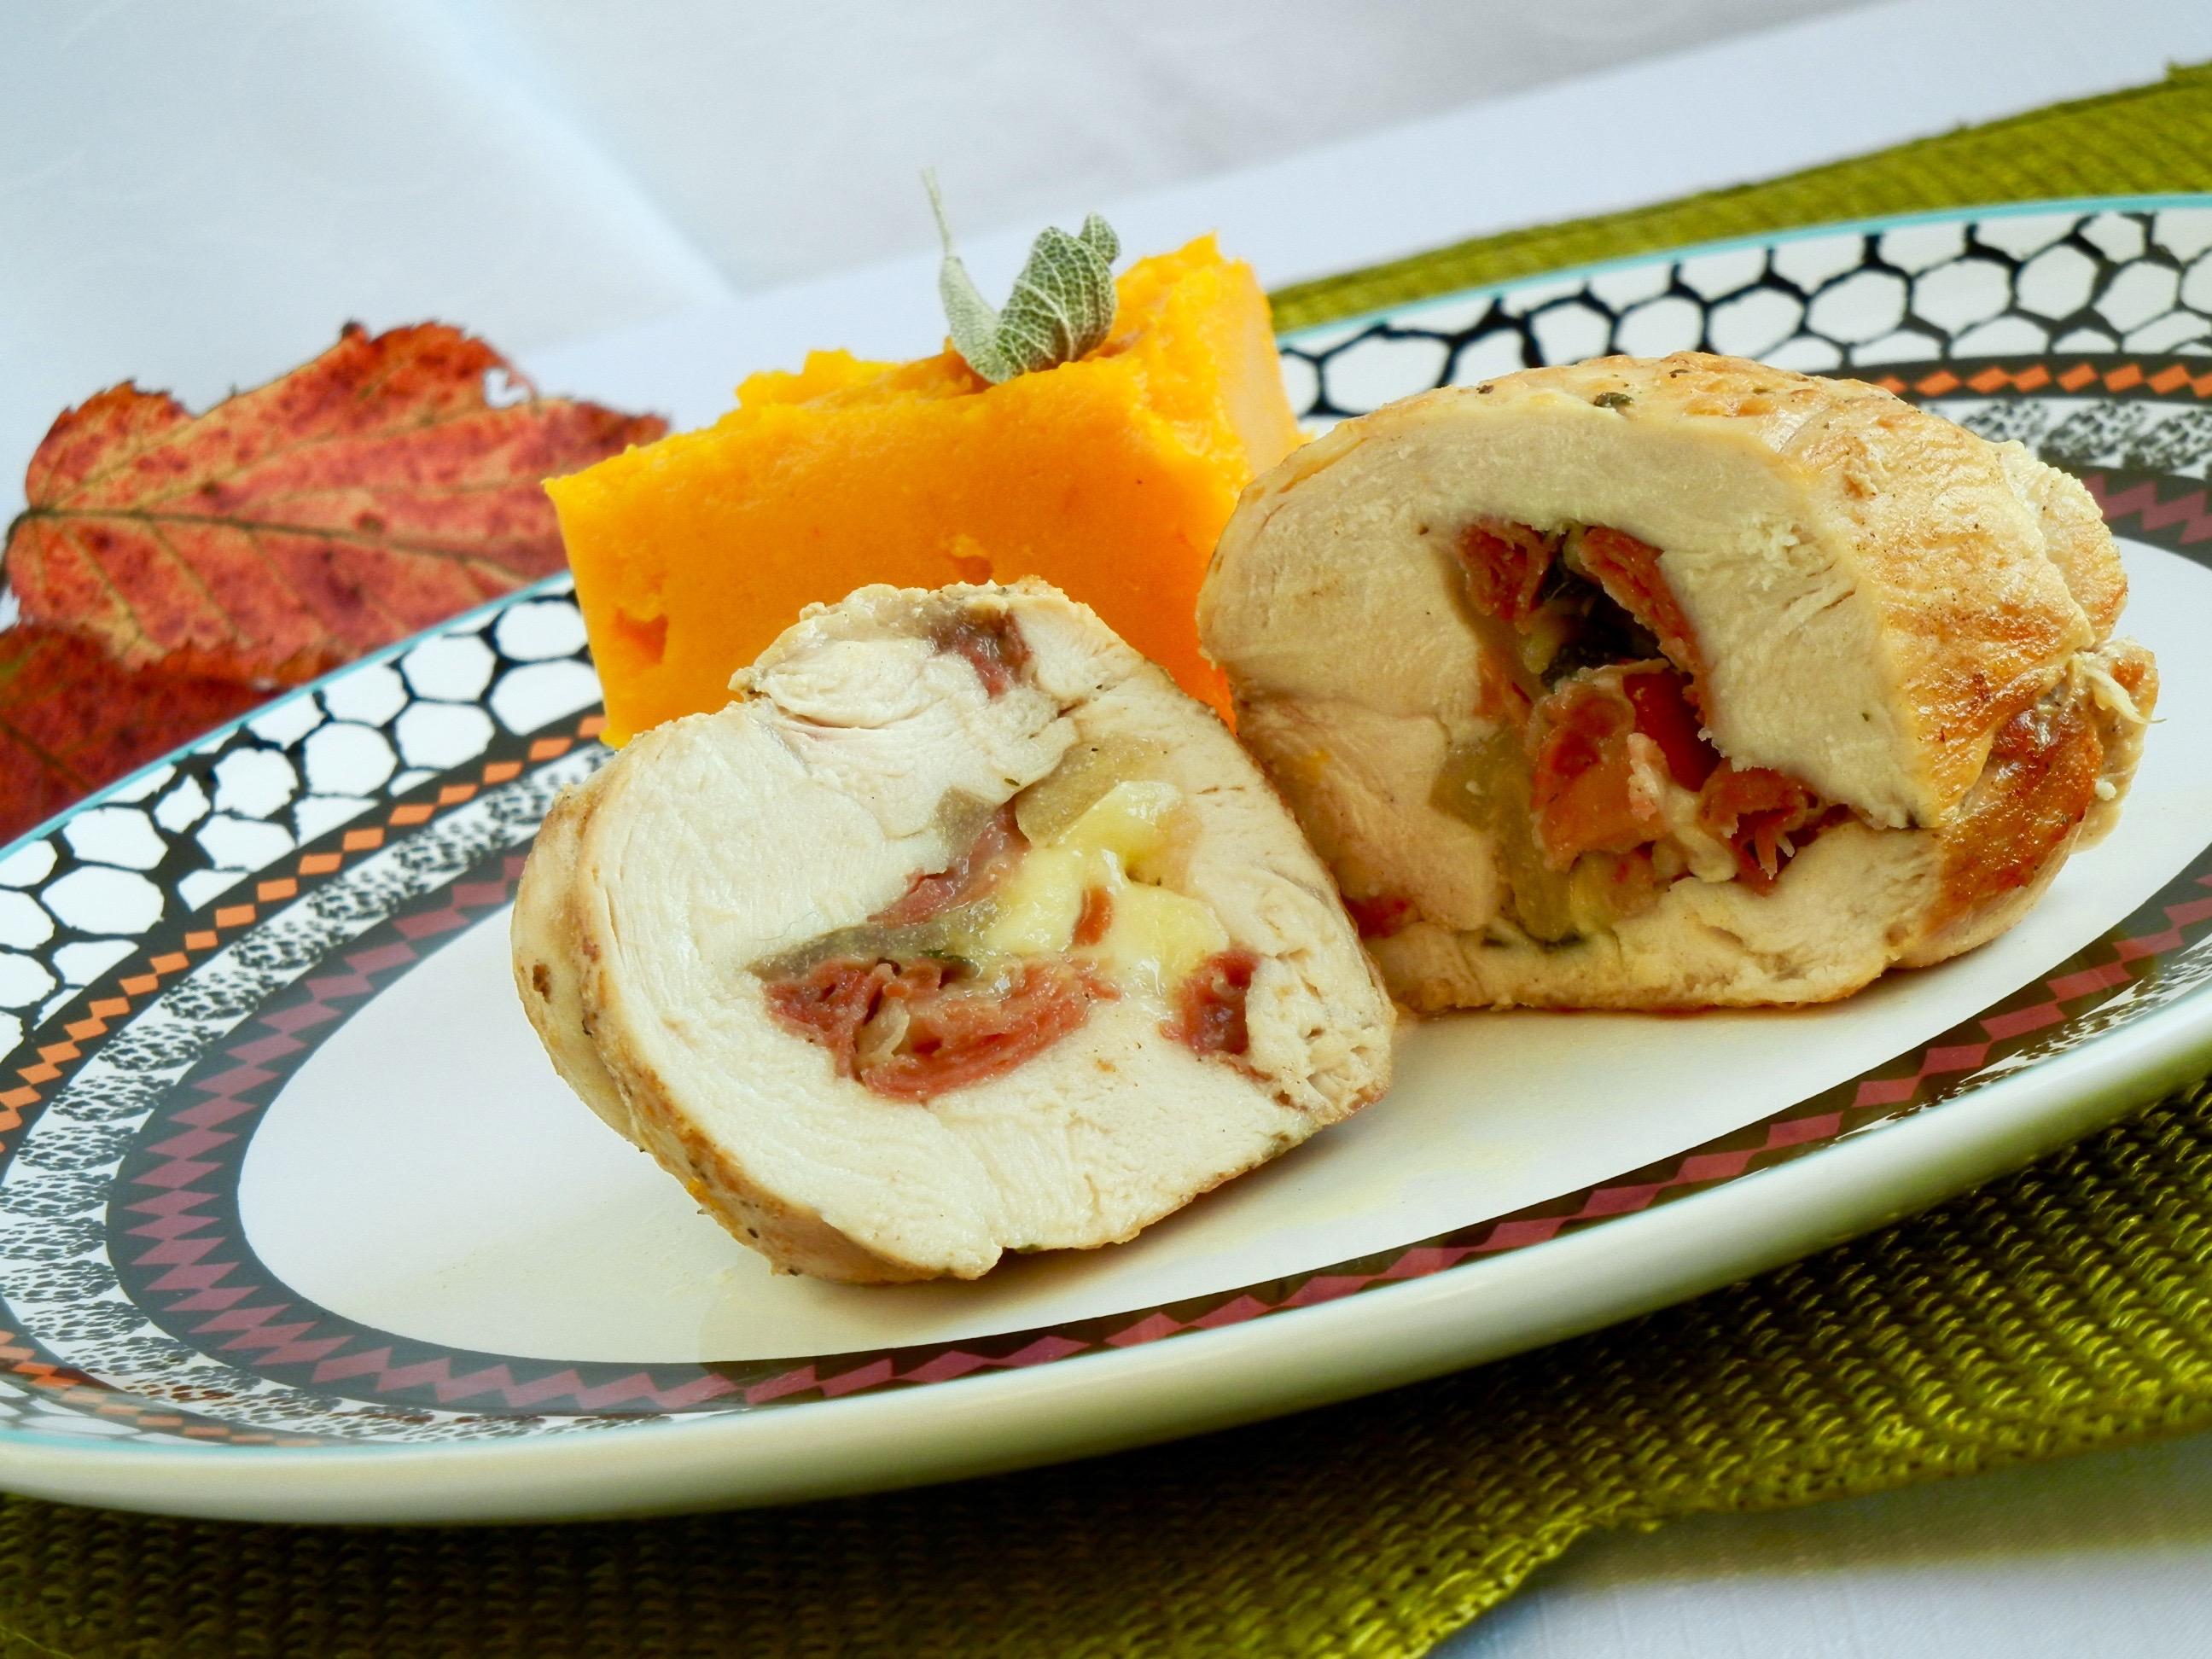 Kuracie prsia plnené hruškou, prosciuttom a syrom Brie